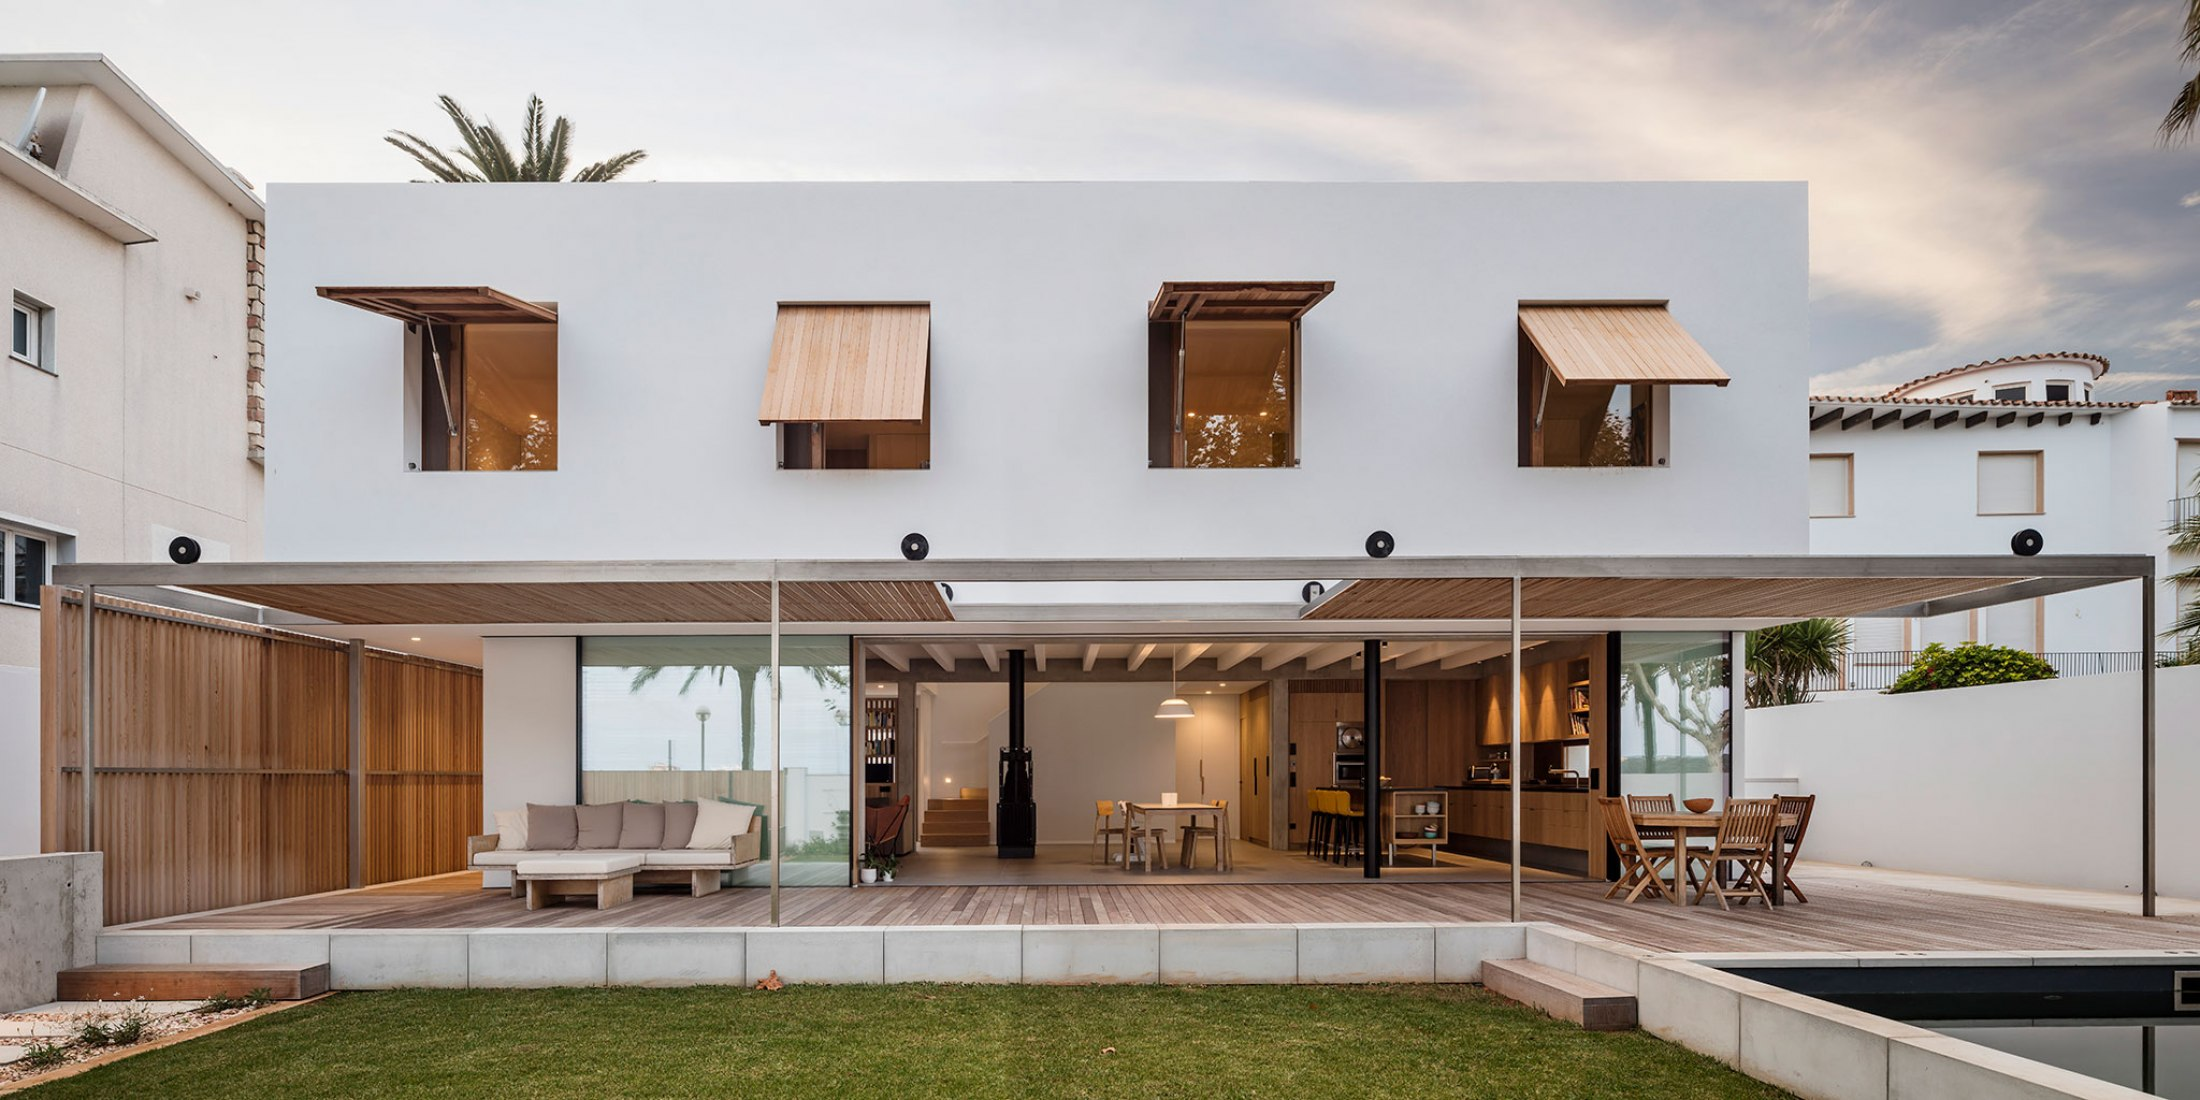 Casa MB by Gabriel Montañés. Photograph by Adrià Goula